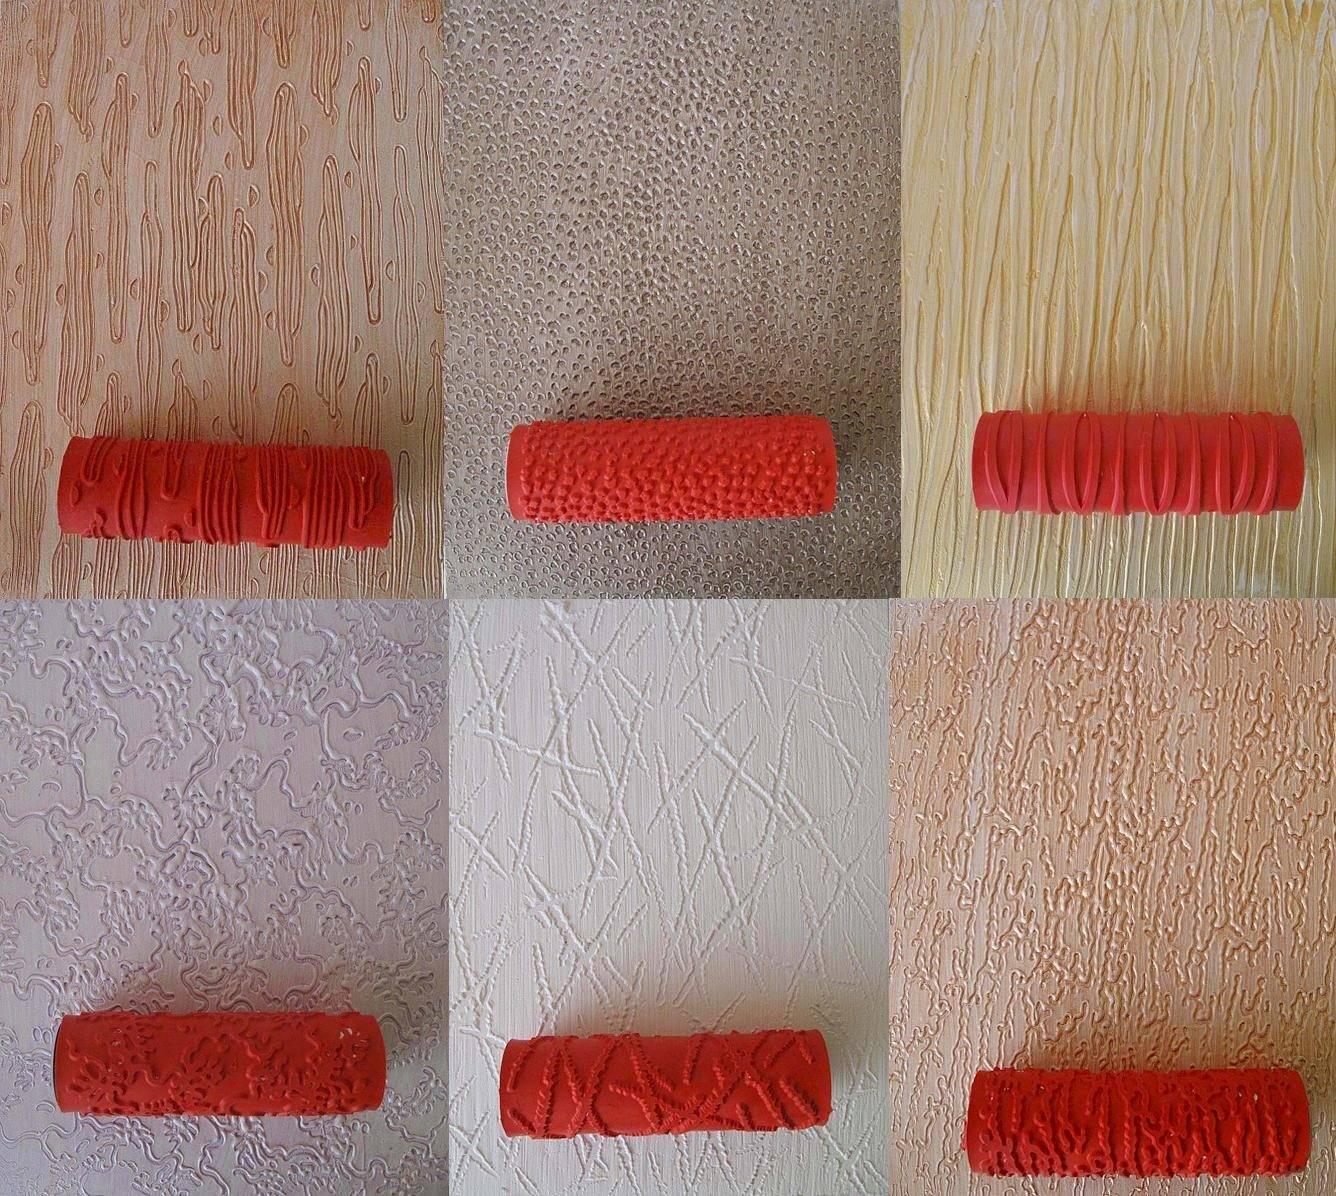 Нанесение декоративной штукатурки: технология, варианты составов для отделки стен, валик и другие инструменты и какая используется краска, как нанести своими руками?